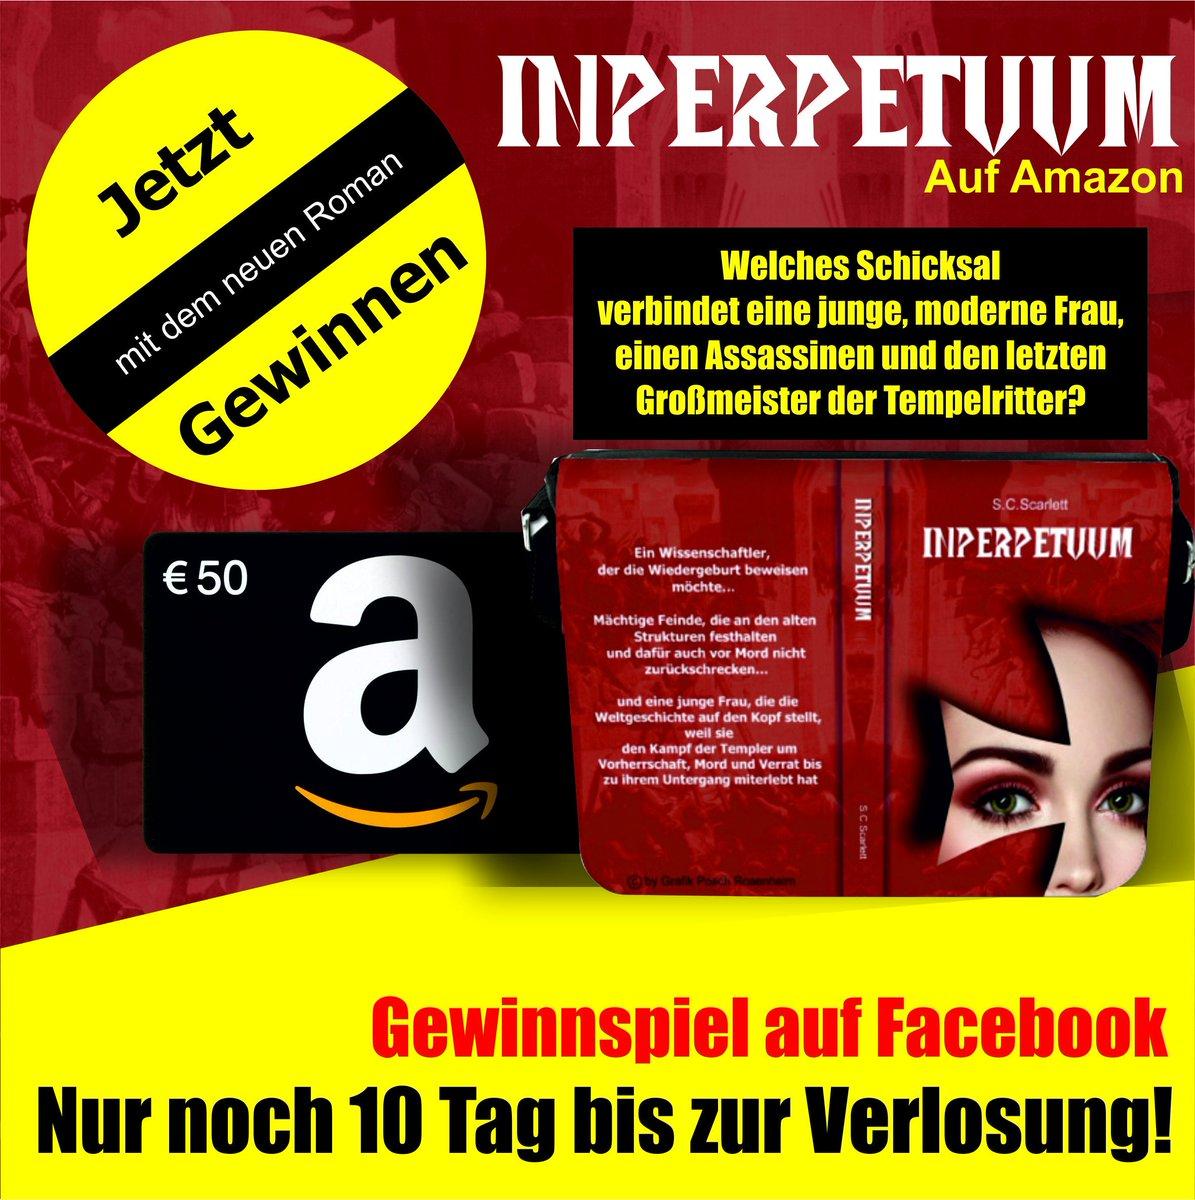 Das Gewinnpiel findet Ihr auf Facebook unter der Seite Inperpetuum! #Gewinnspiel #Verlosung #Historienroman #roman #Buch #Spannung #lesesüchtig #roman #leselust #musthave #verschwörungstheorienpic.twitter.com/1zBinpsNuC